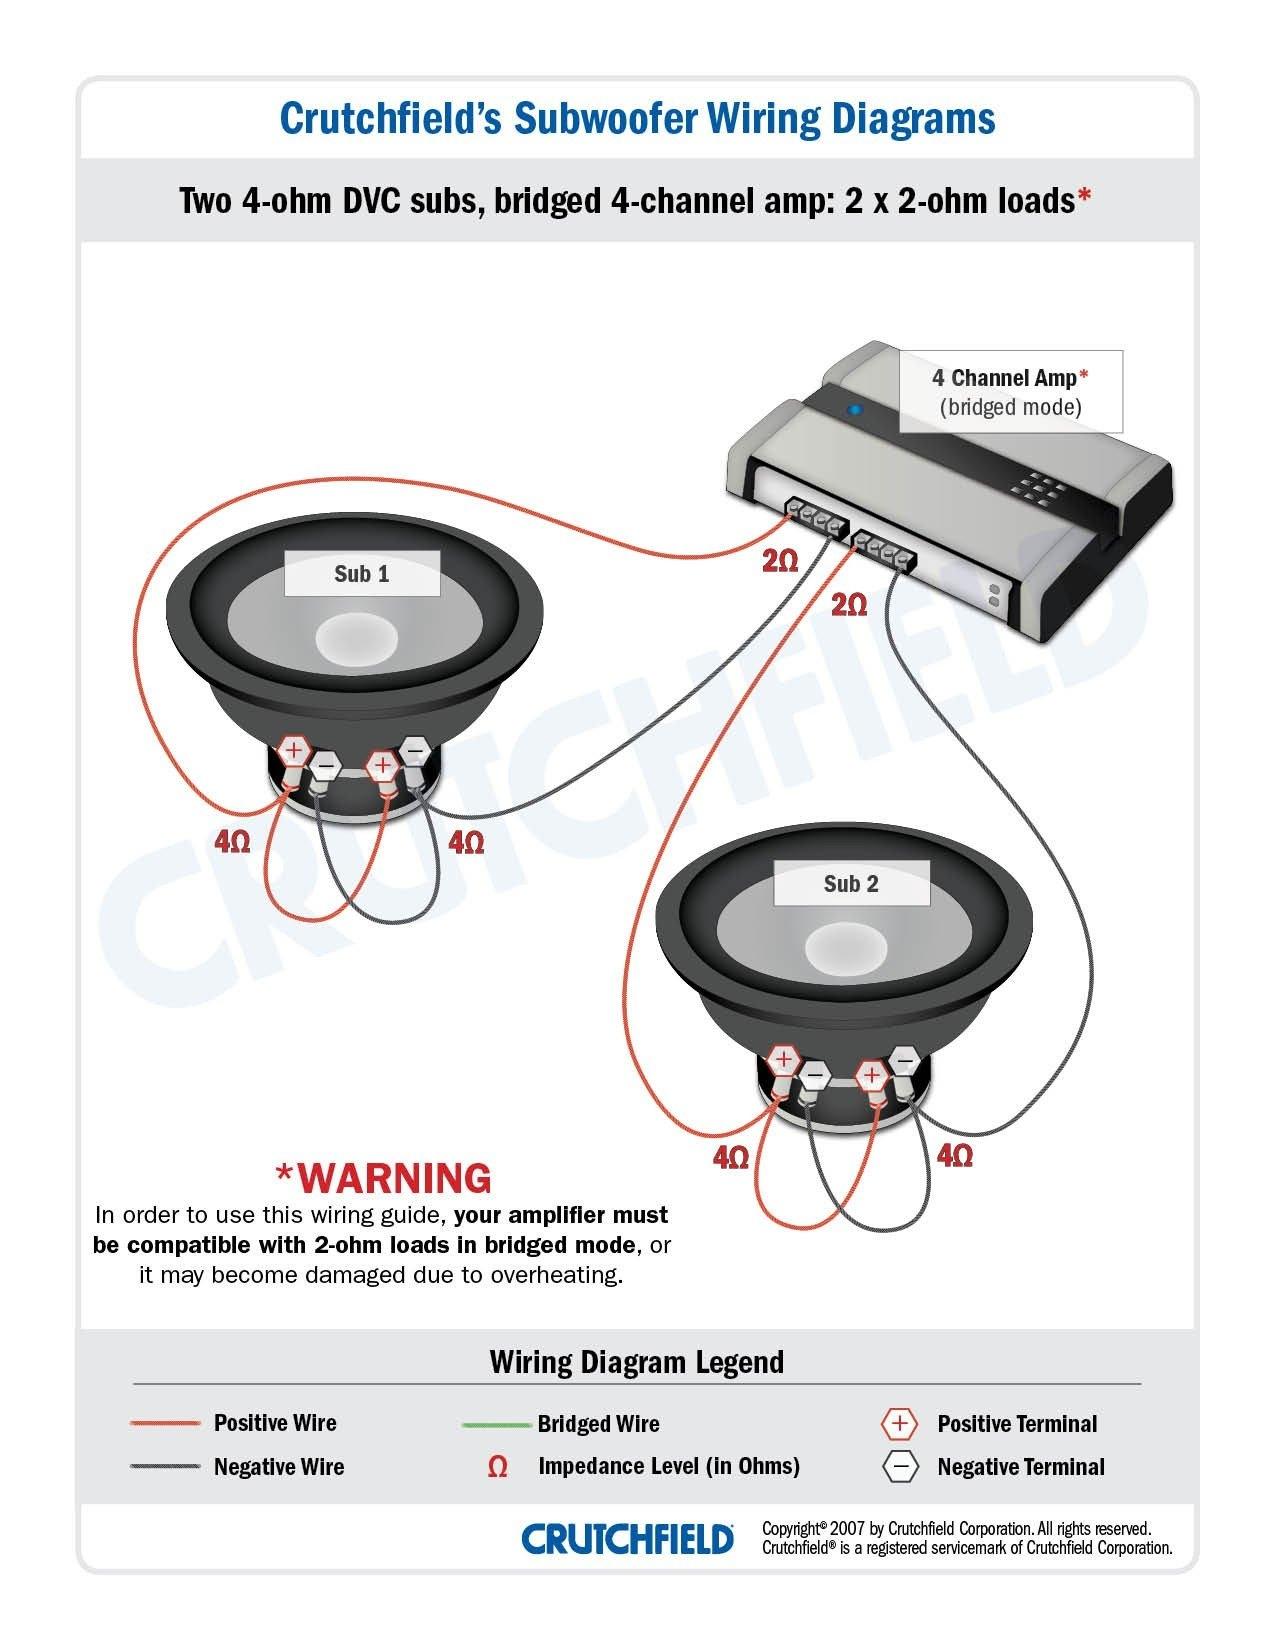 Jl Audio 500 1V2 Wiring Diagram | Wiring Diagram - Jl Audio 500 1 Wiring Diagram